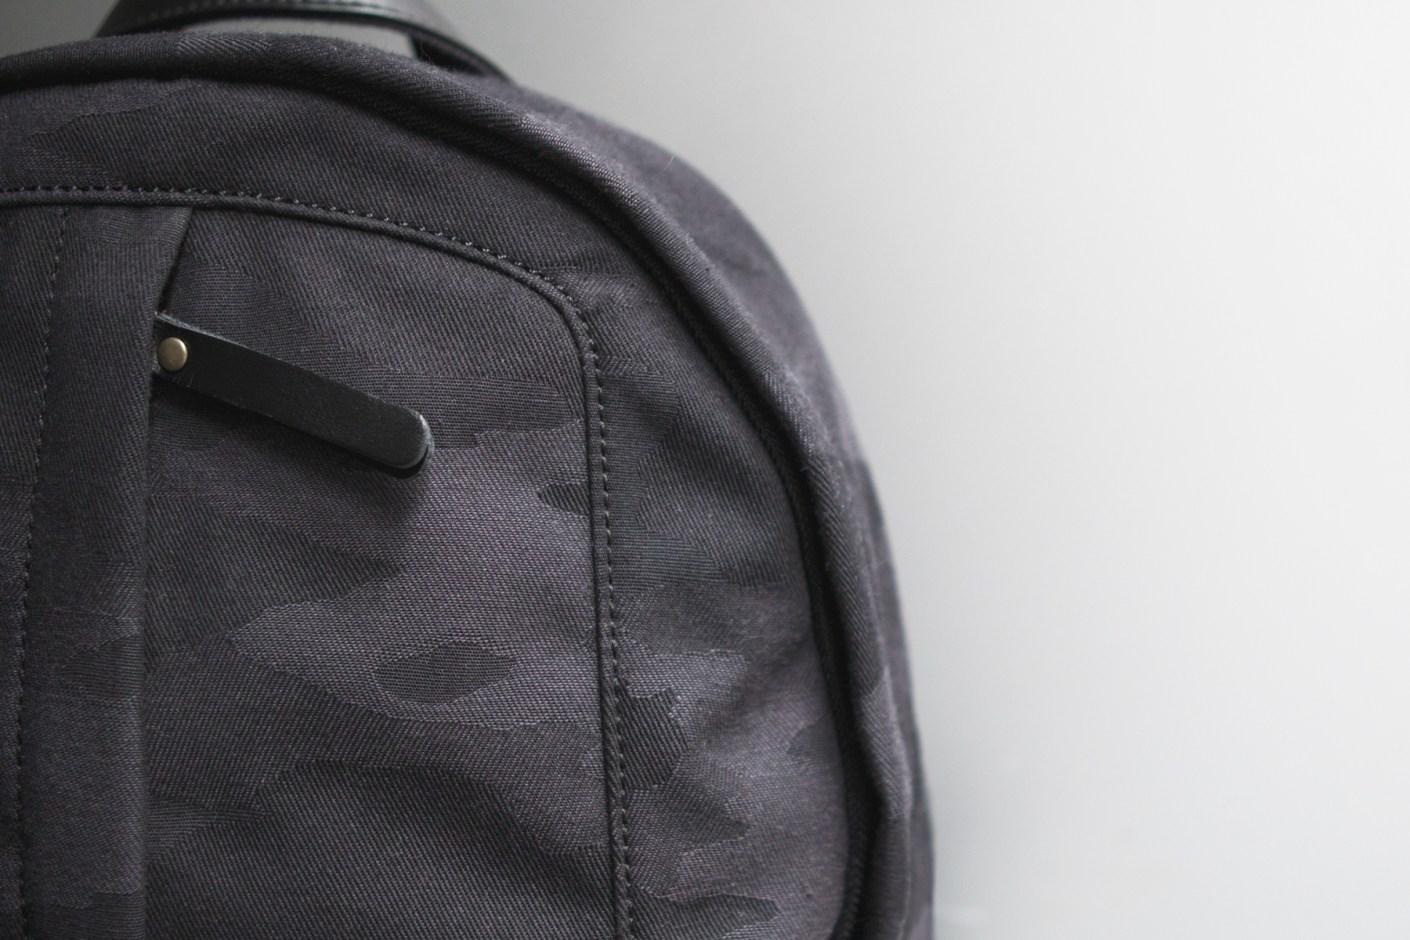 Image of HAERFEST 2014 Fall/Winter Backpacks